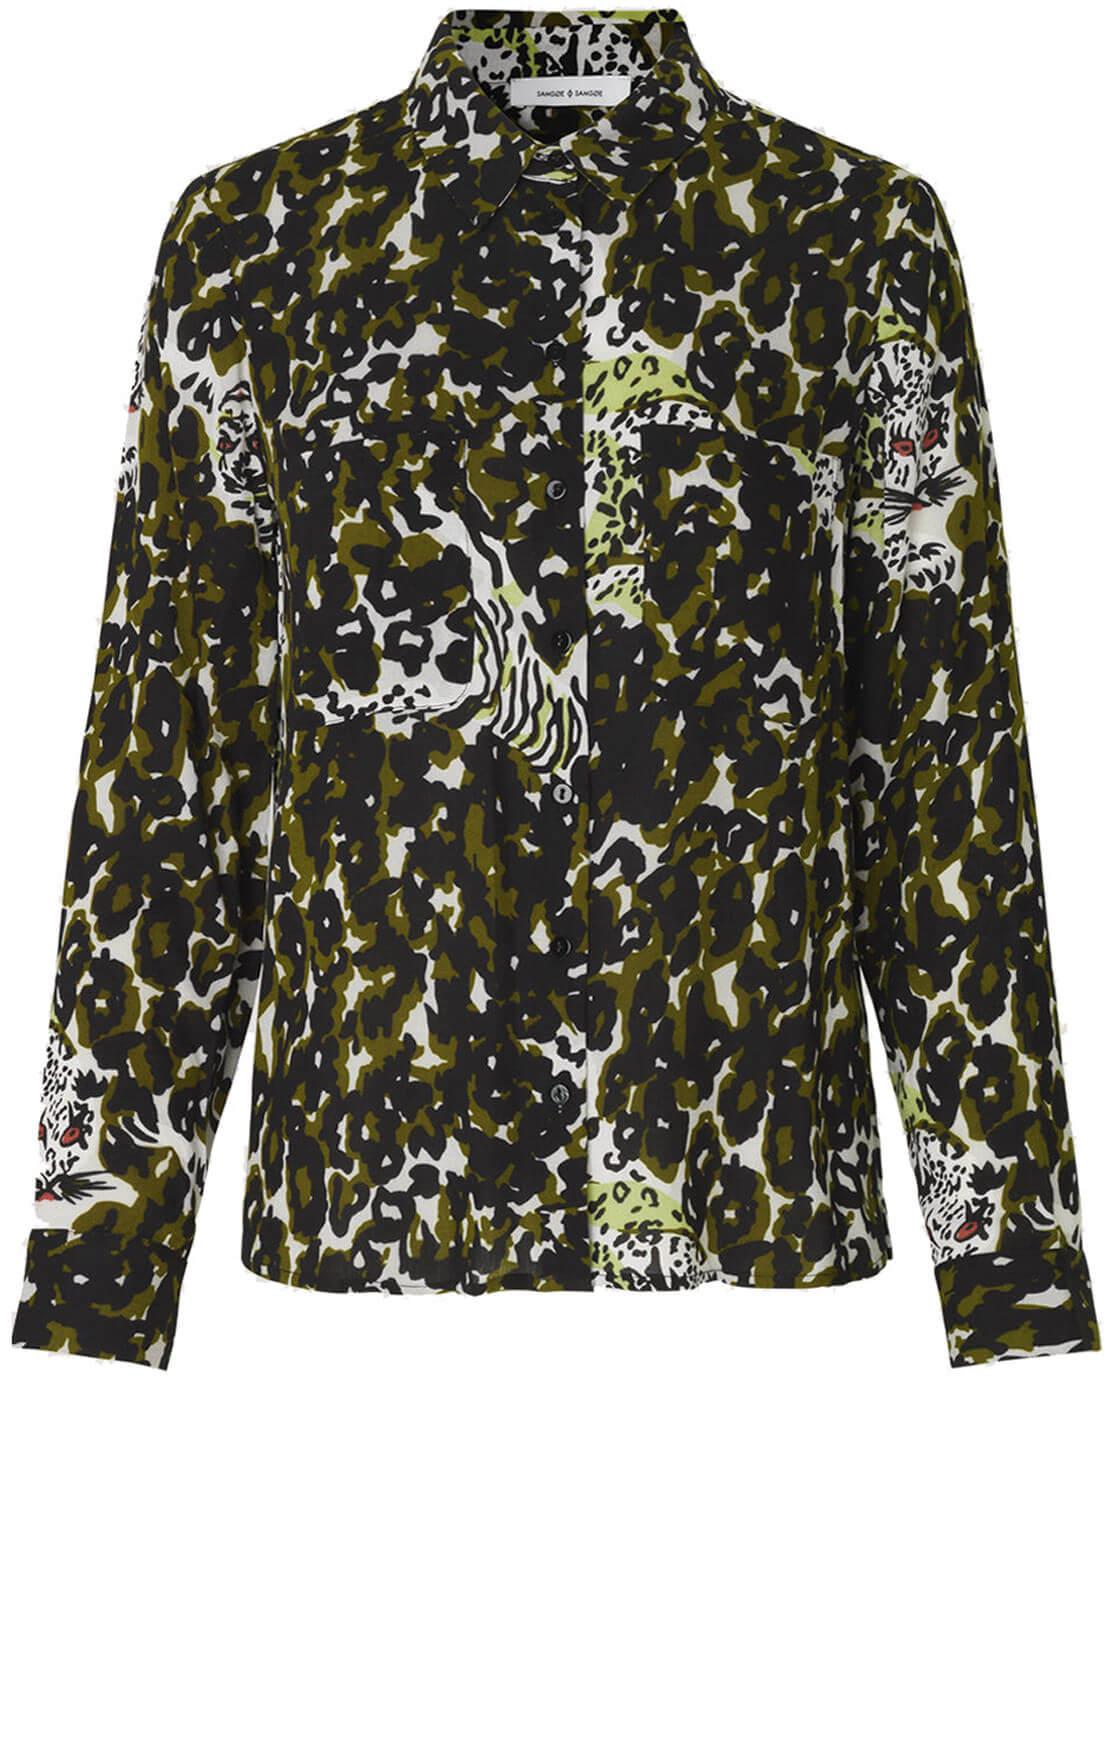 Samsoe Samsoe Dames Milly blouse met camouflage print groen